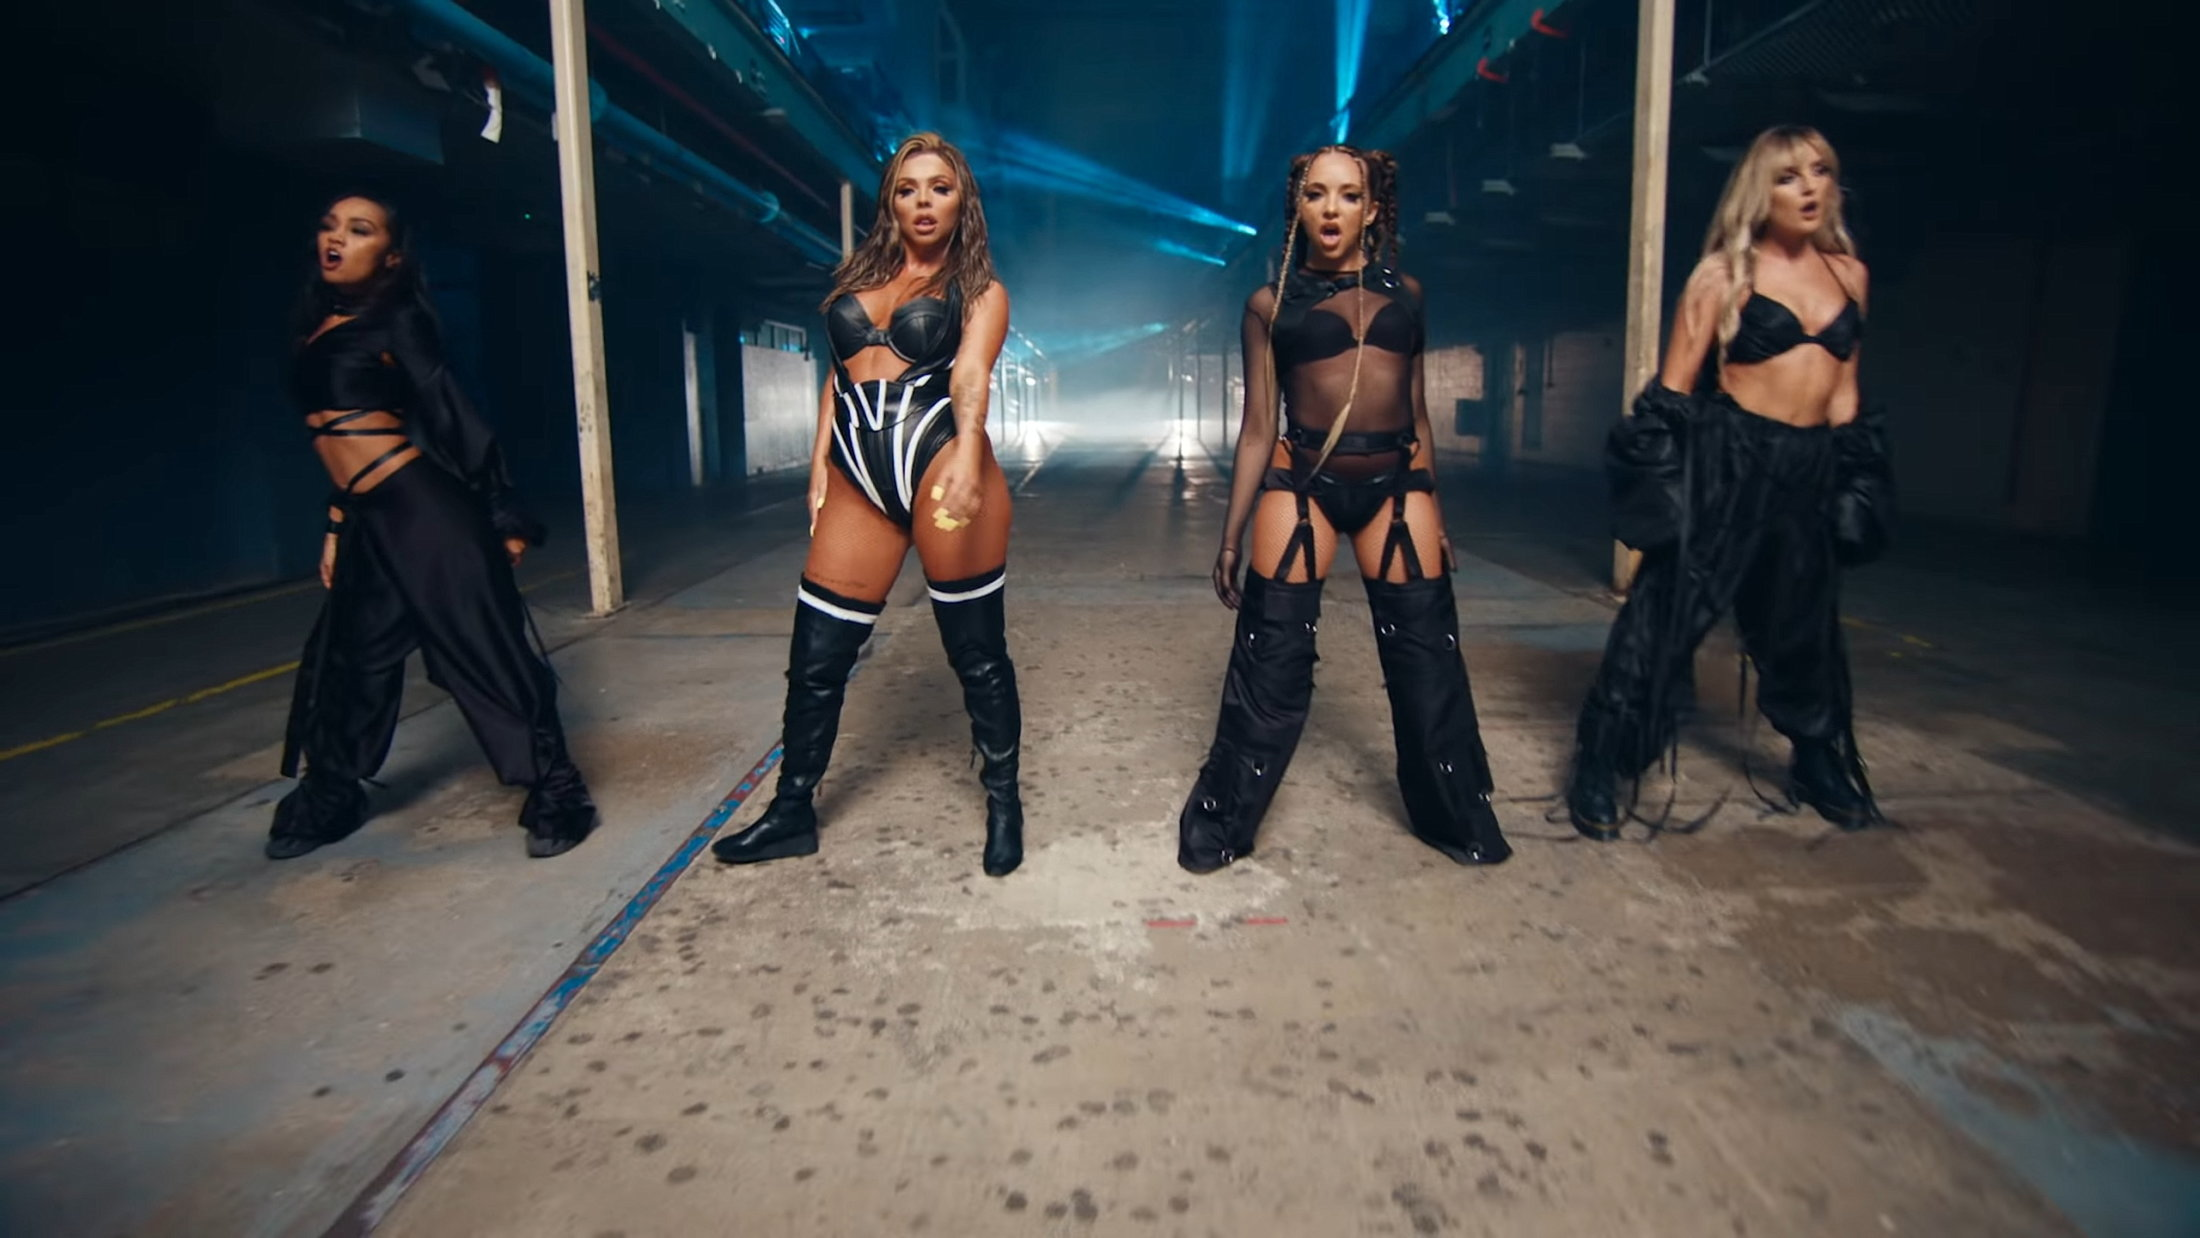 Little Mix - Sweet Melody (Official Video) 1-11 Screenshot